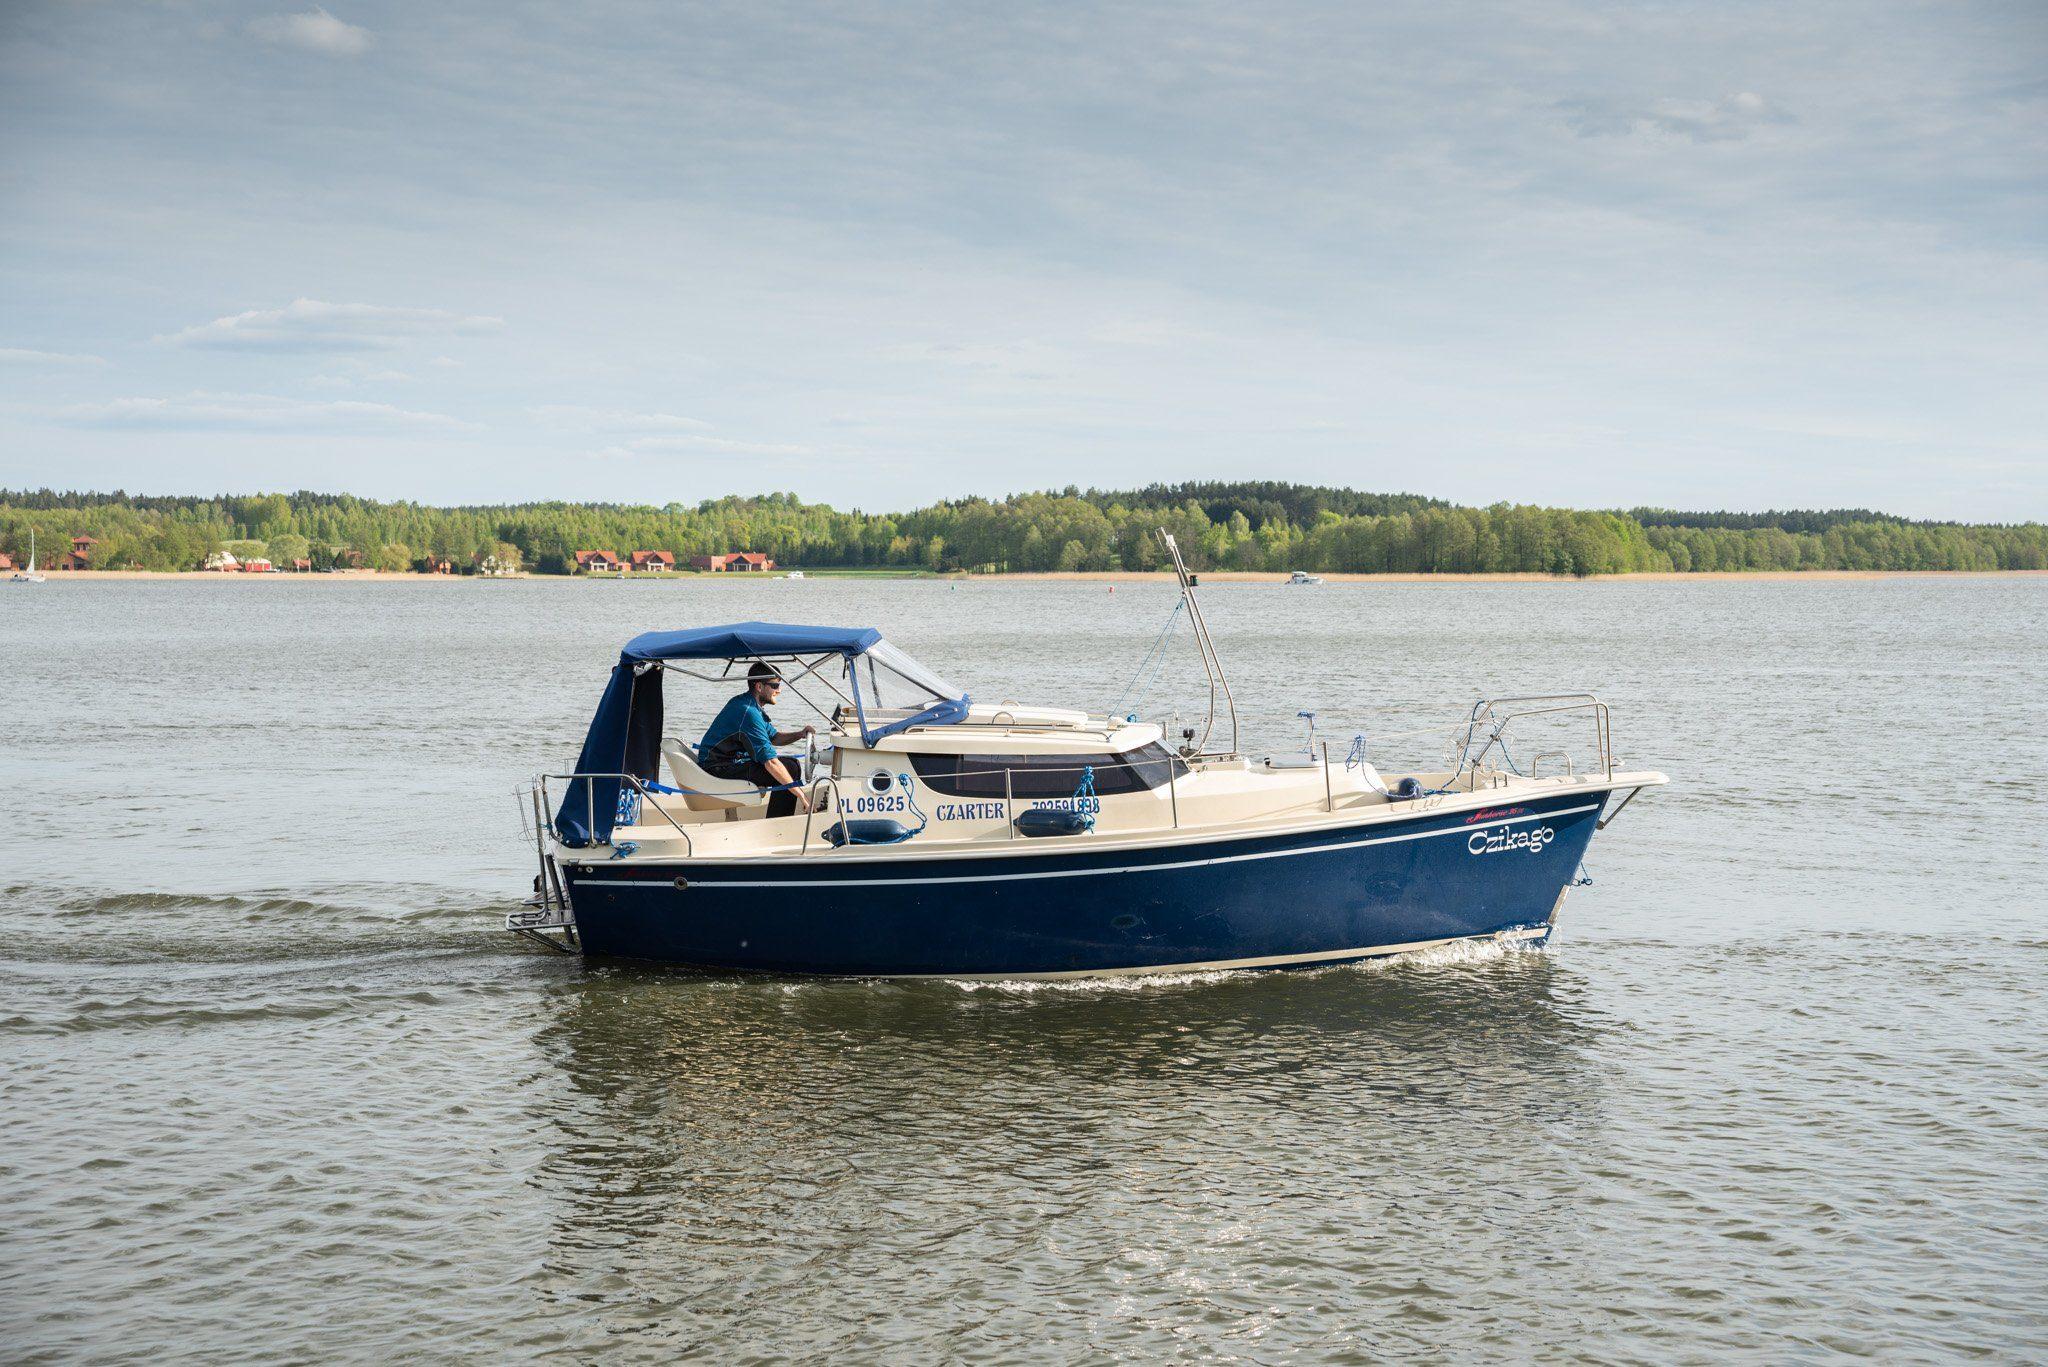 sunhorse 25 łódź spacerowa bez patentu